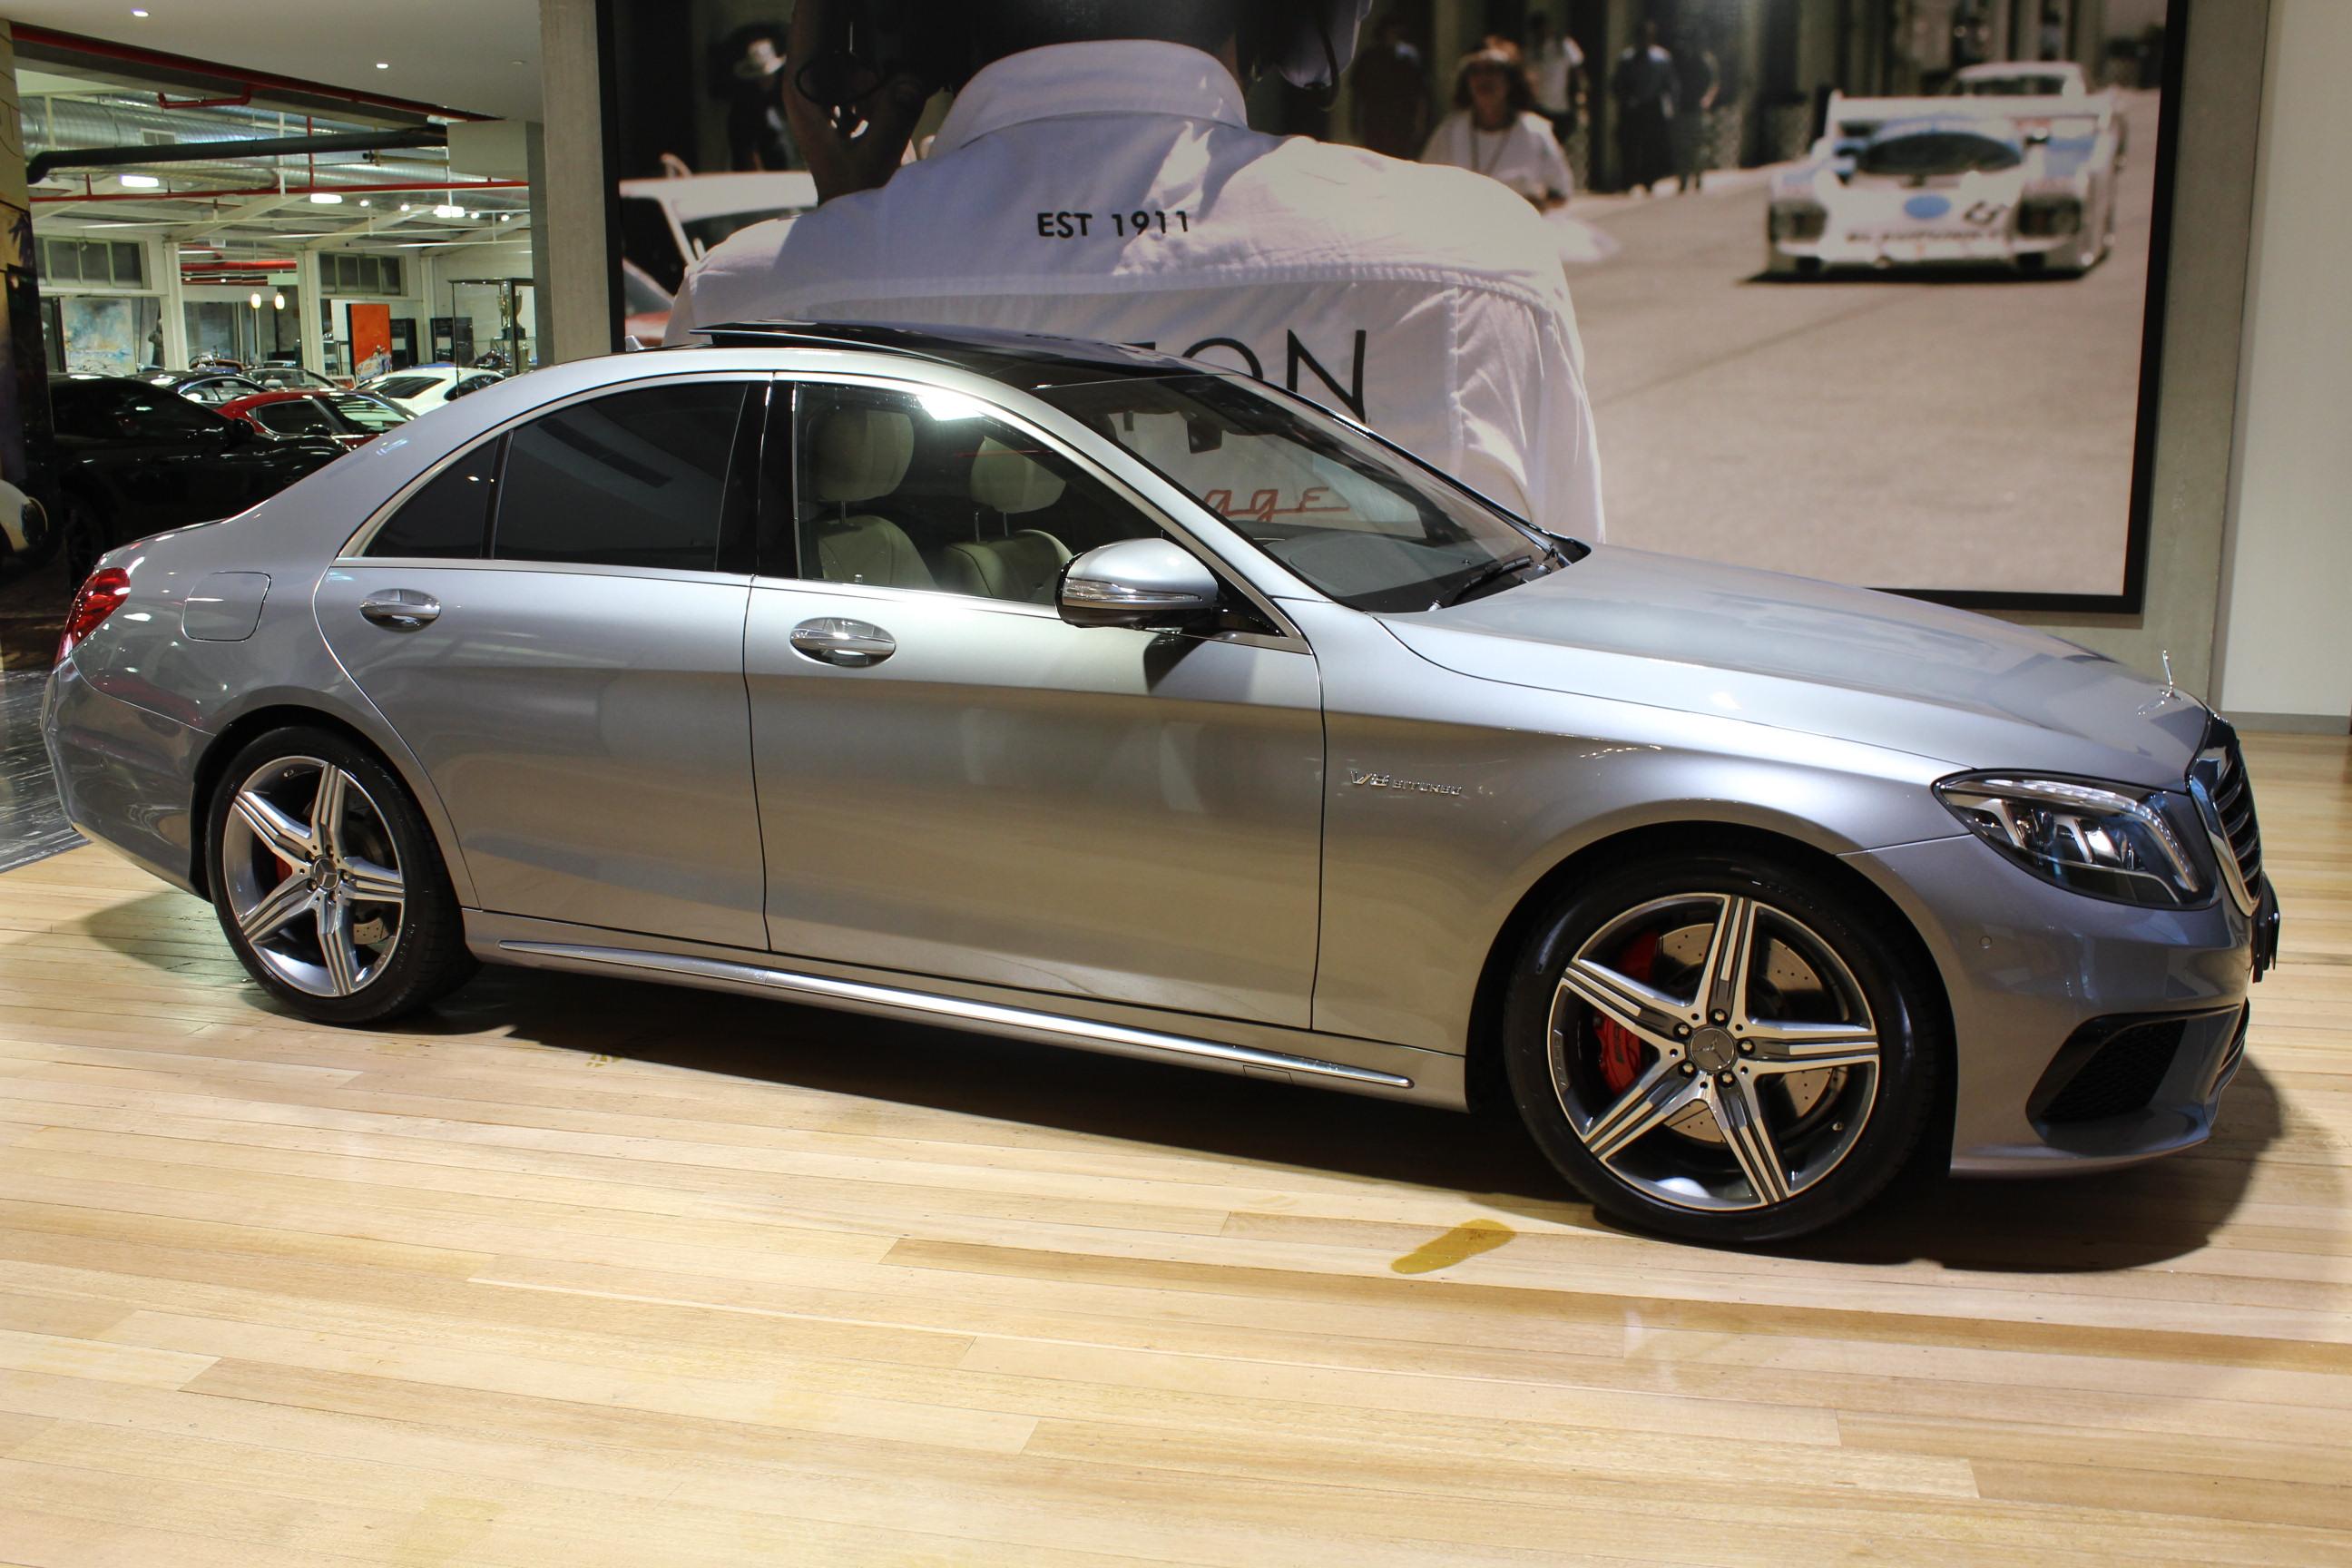 s63 for sale in australia